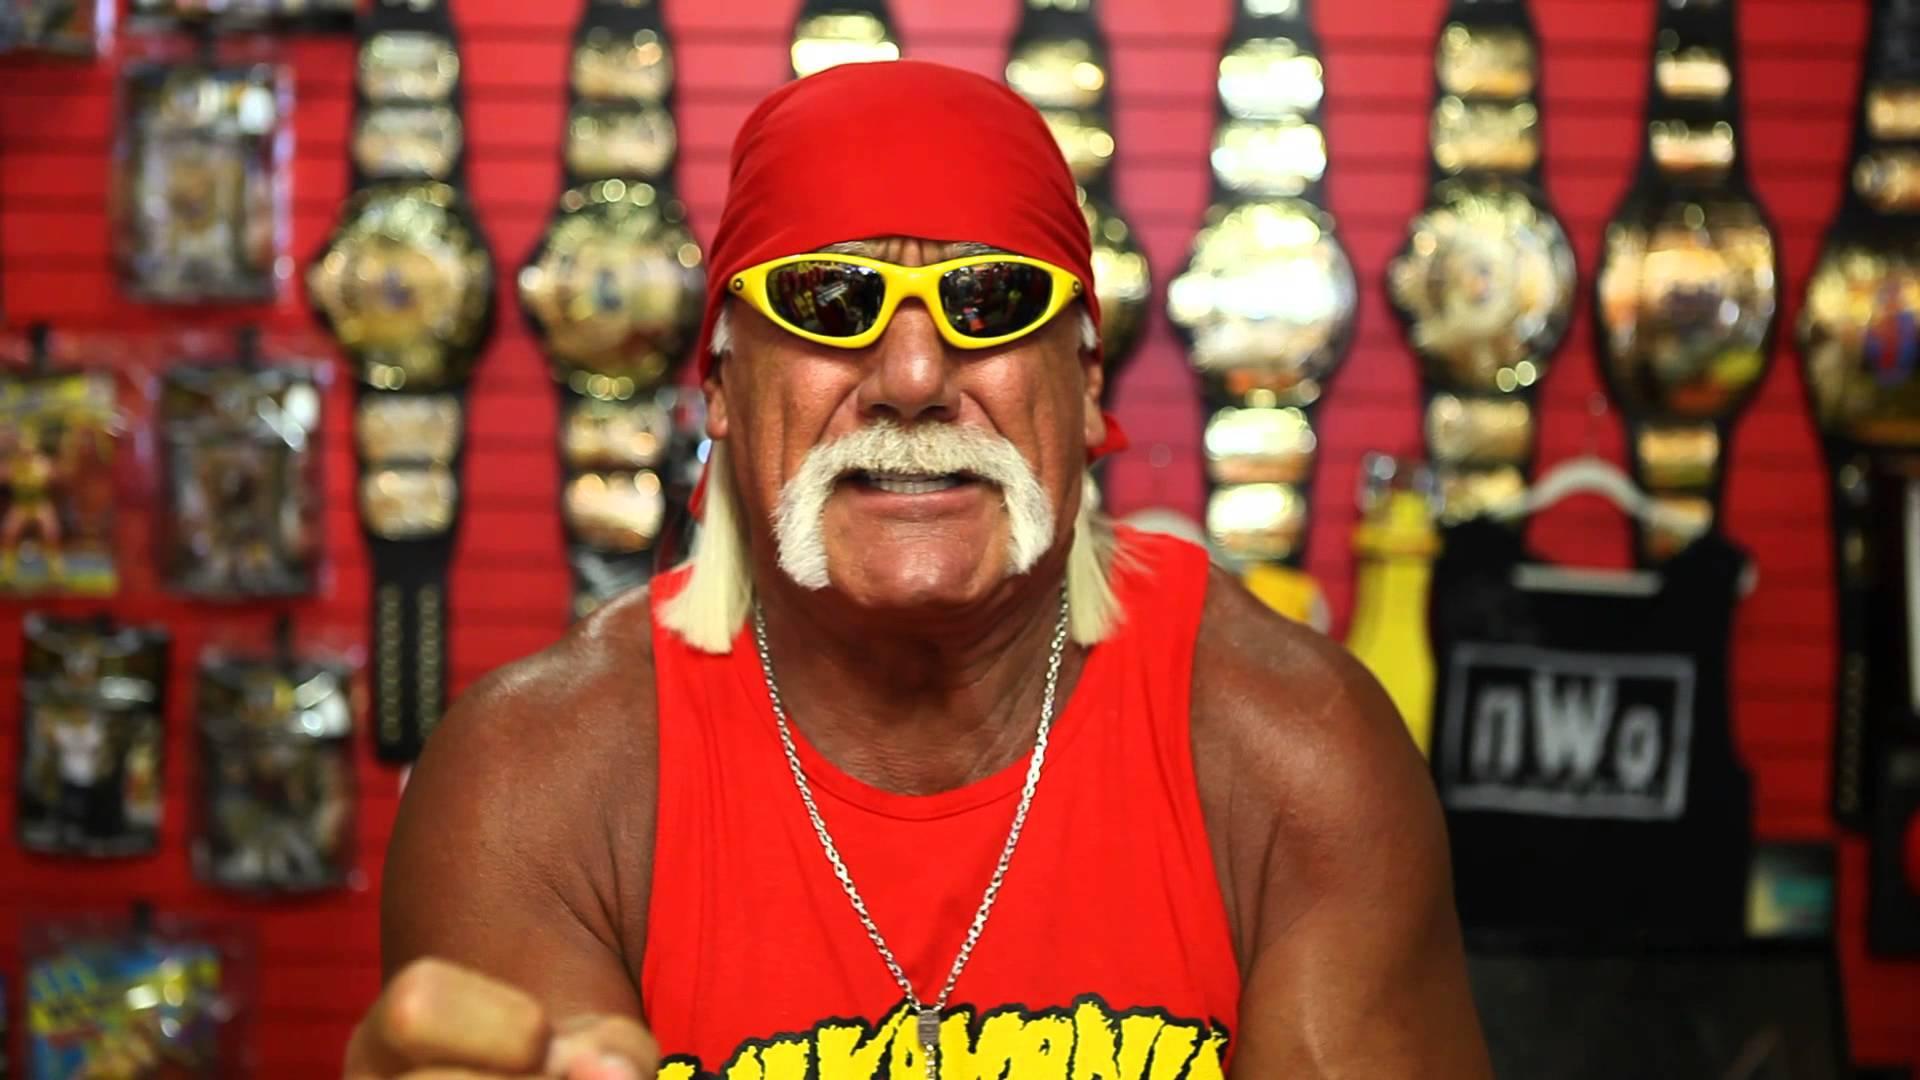 Test De Conduite >> Comment Hulk Hogan tente de se racheter une conduite (et ...